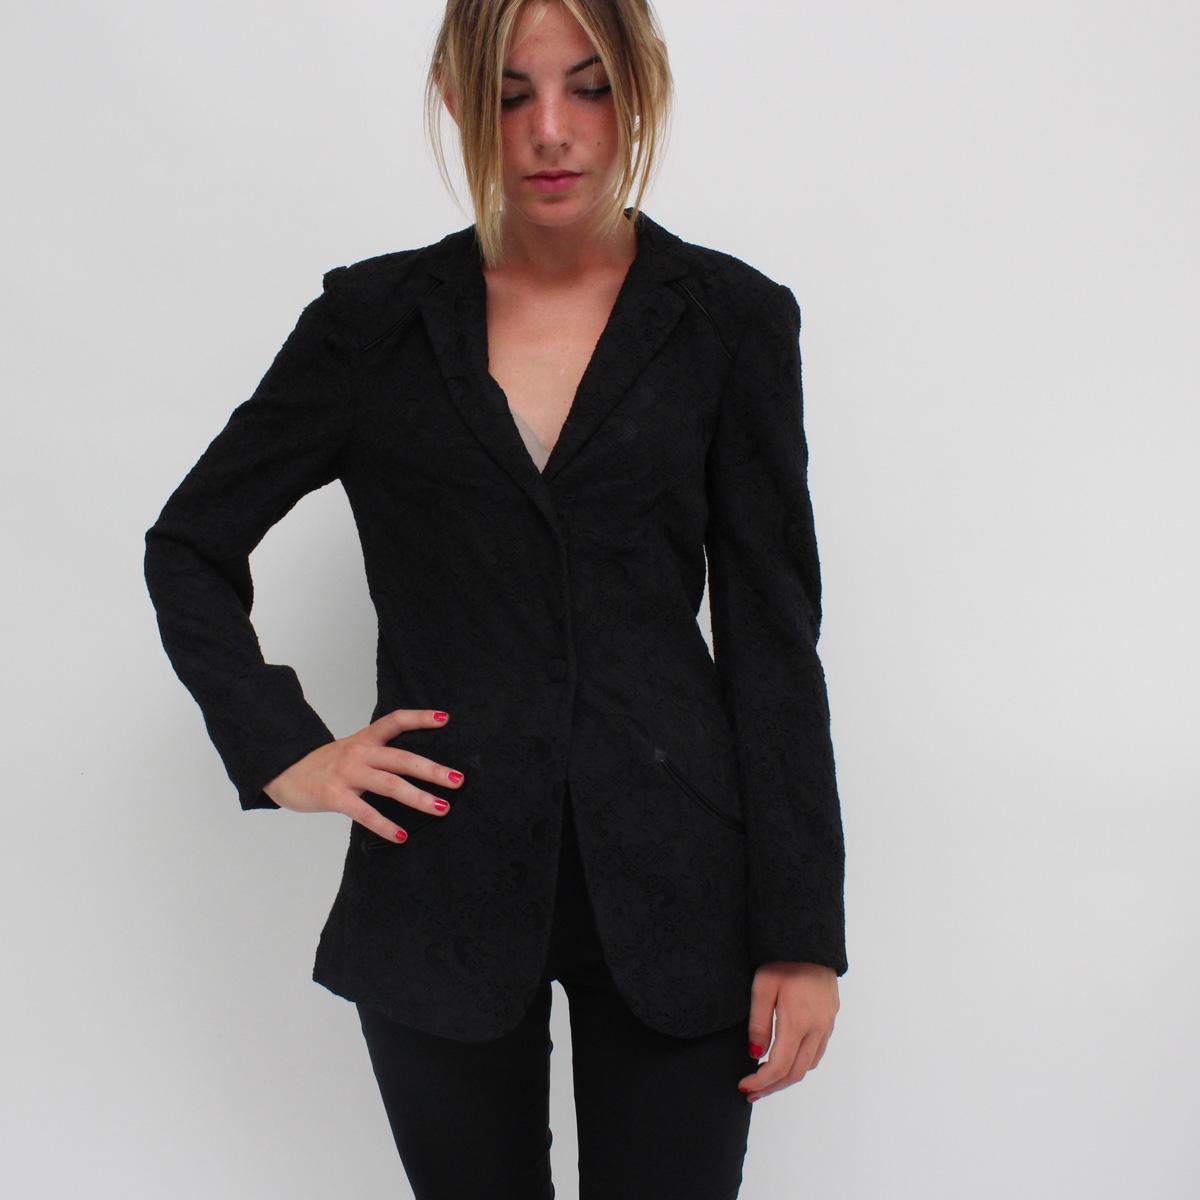 Firmato Archivi Stoline Abbigliamento Spalla Capi Stock 7YHnwtXYx